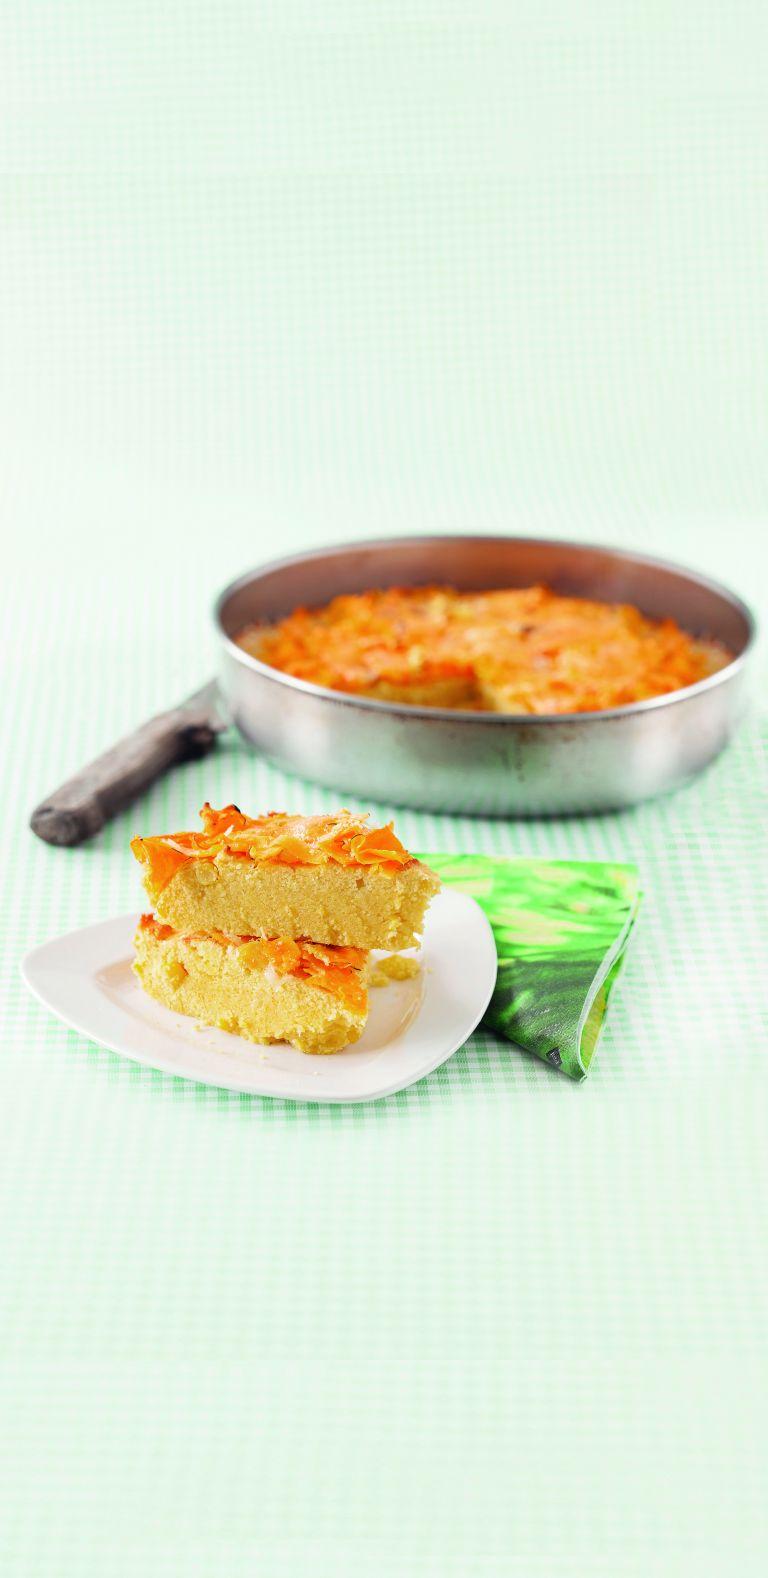 Ζυμαρόπιτα με κολοκύθα και ξινόγαλο | tovima.gr